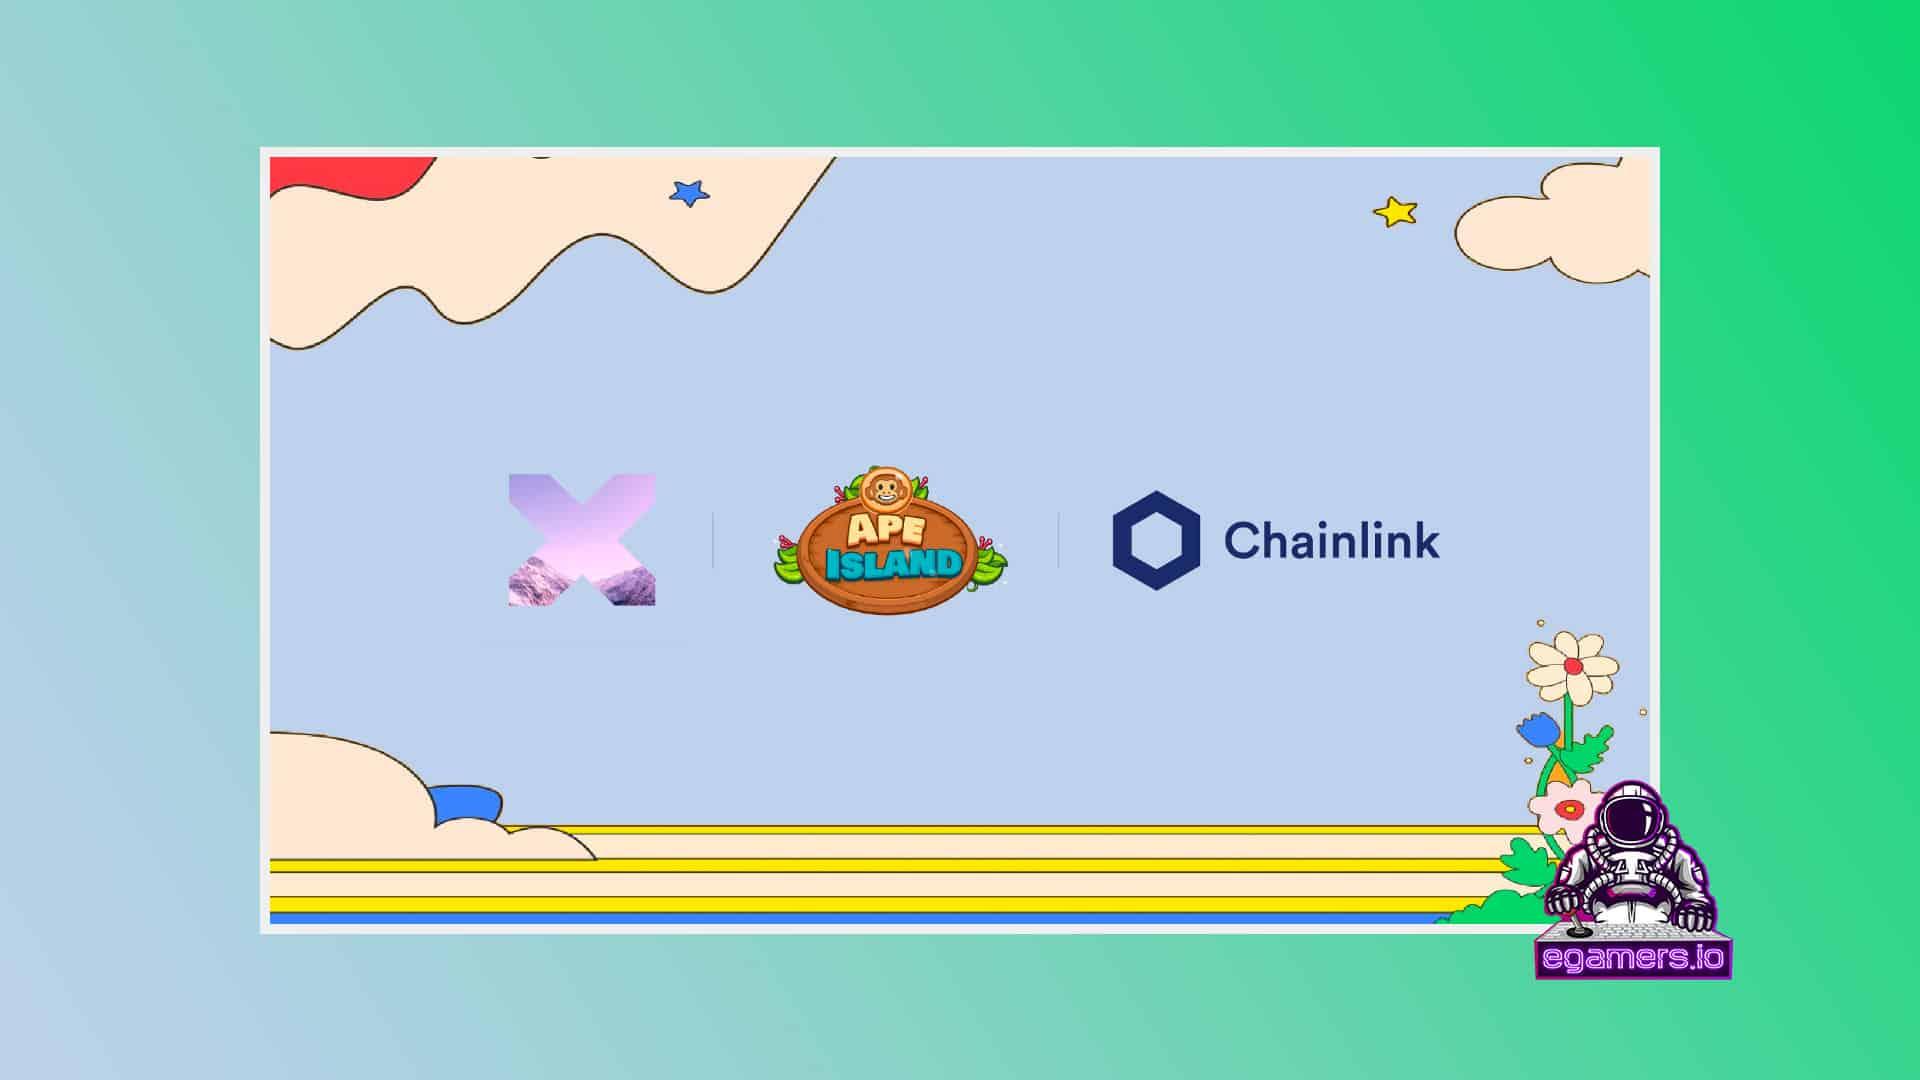 PolyientX Integrates Chainlink VRF in APE Island NFT Metaverse